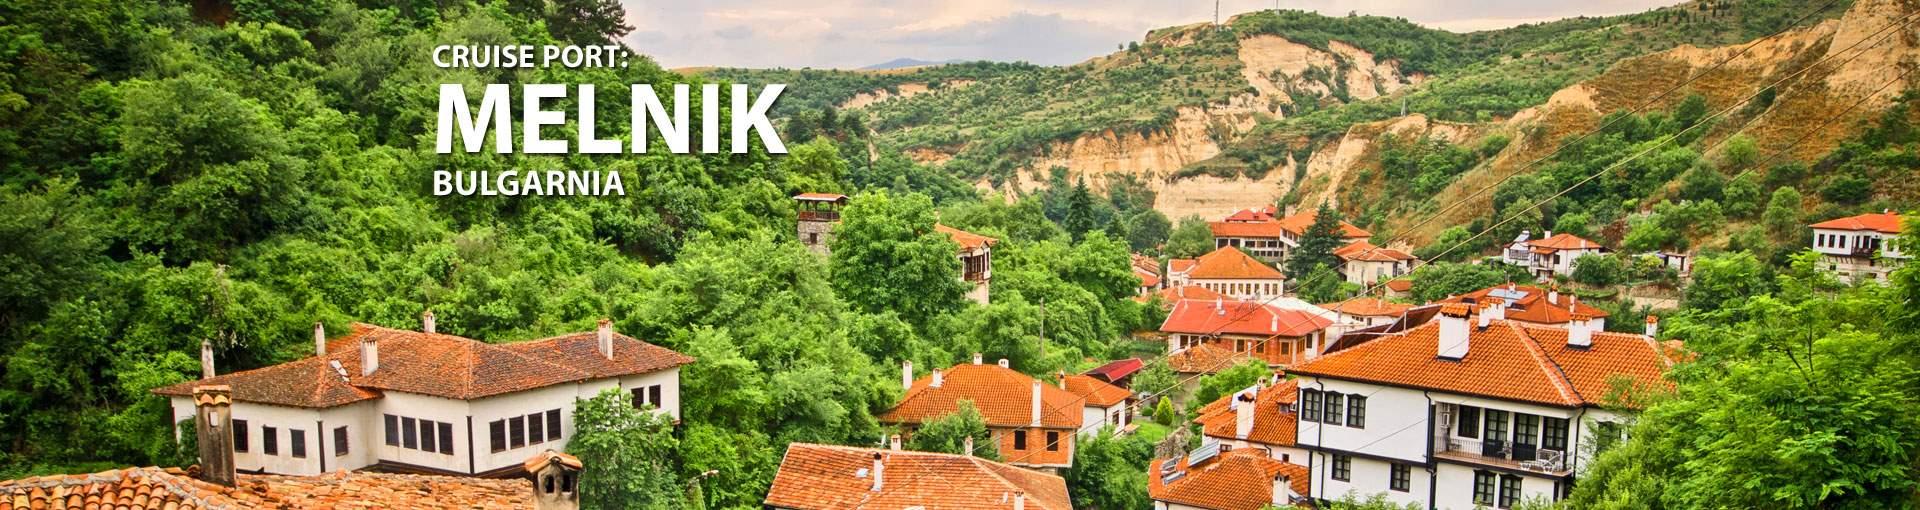 Cruises to Melnik Bulgaria